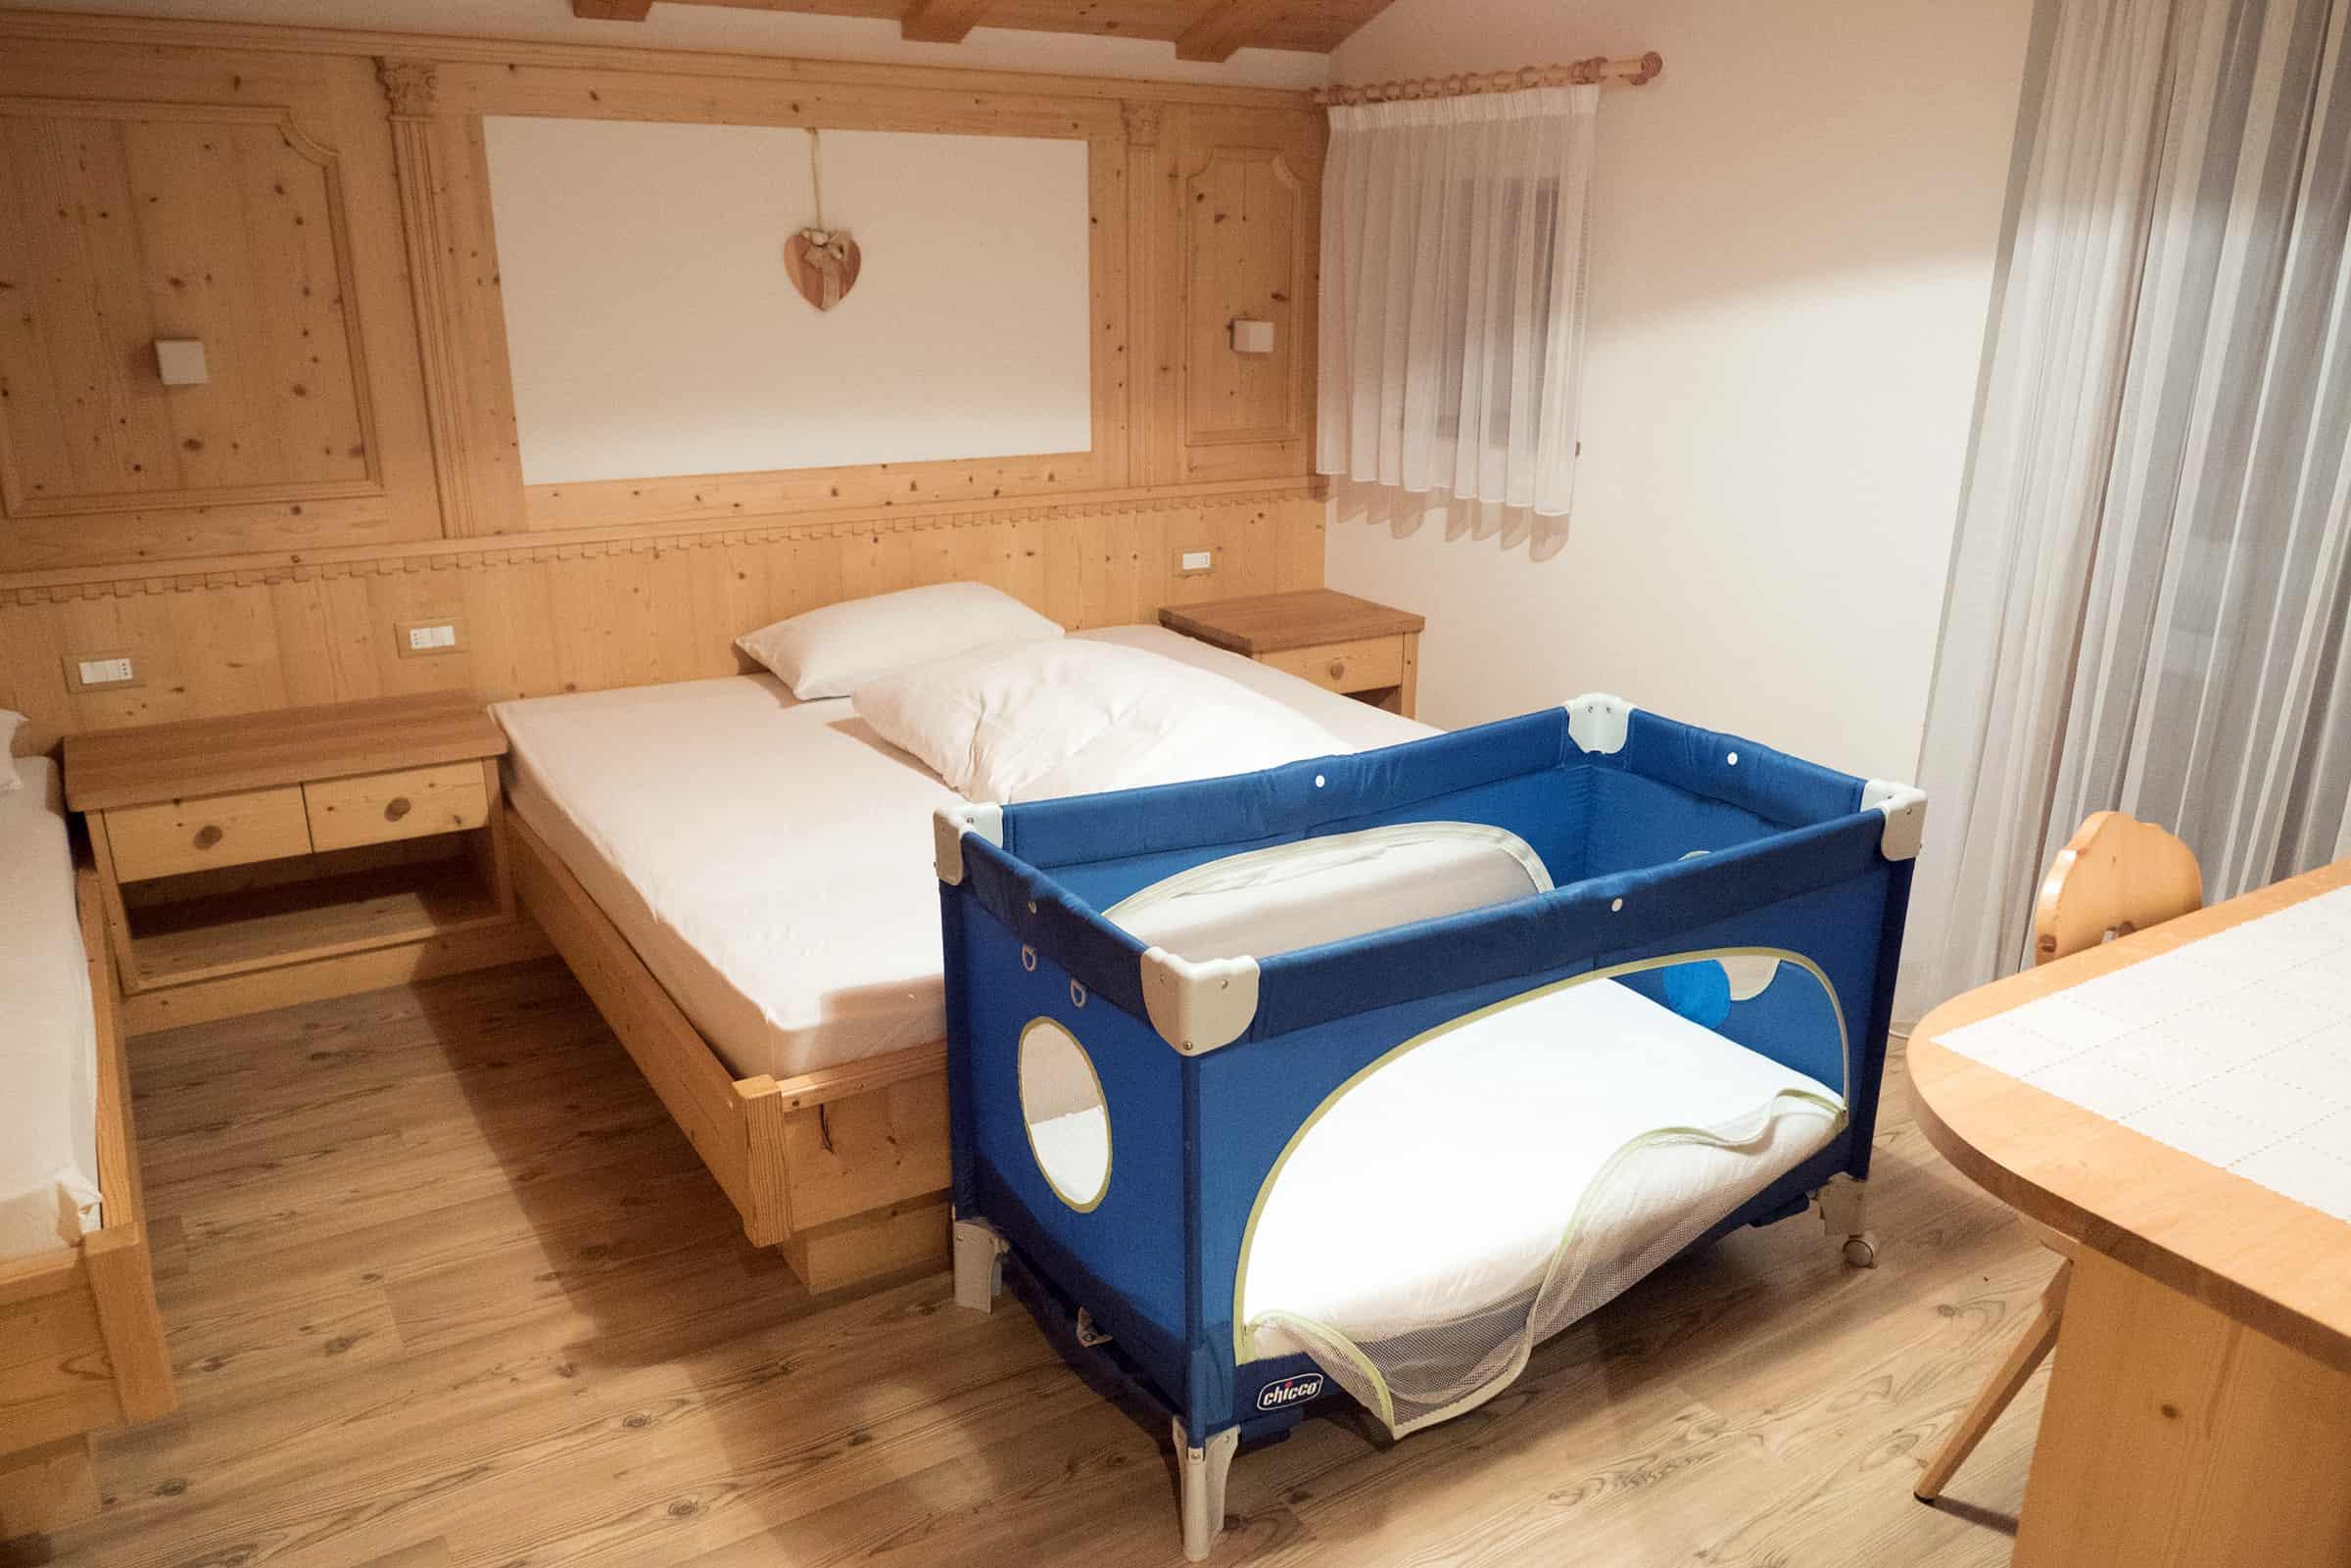 Slaapkamer 2 met 2 bedden en babybedje